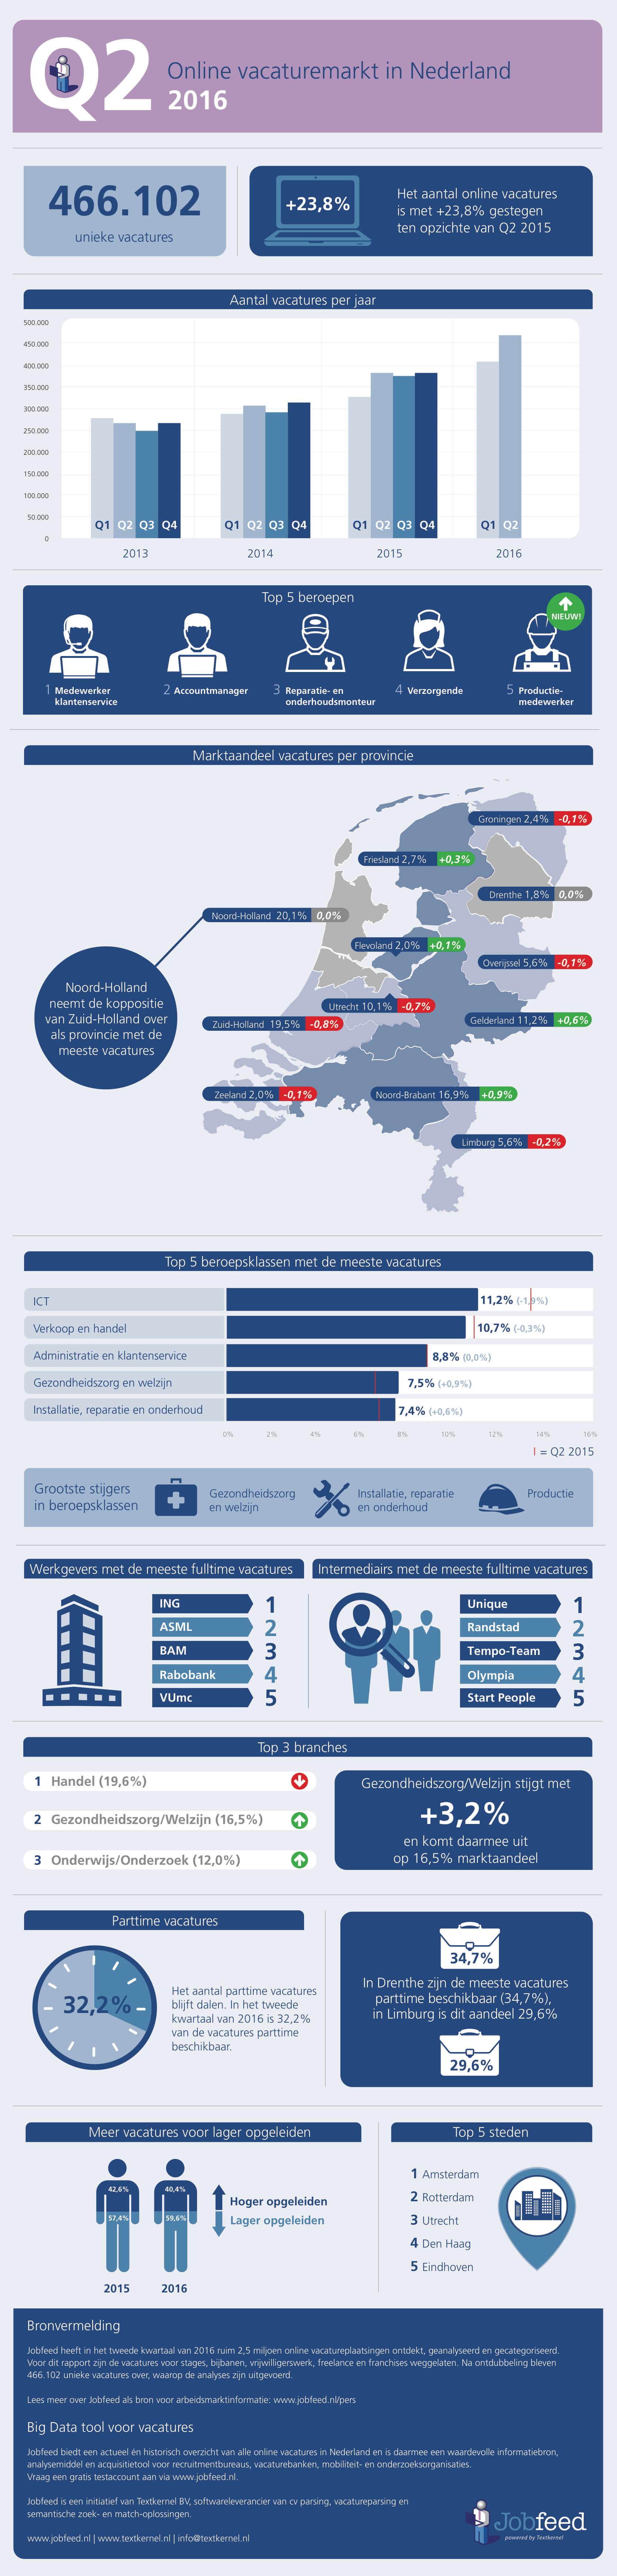 Online vacaturemarkt in Nederland in Q2 2016